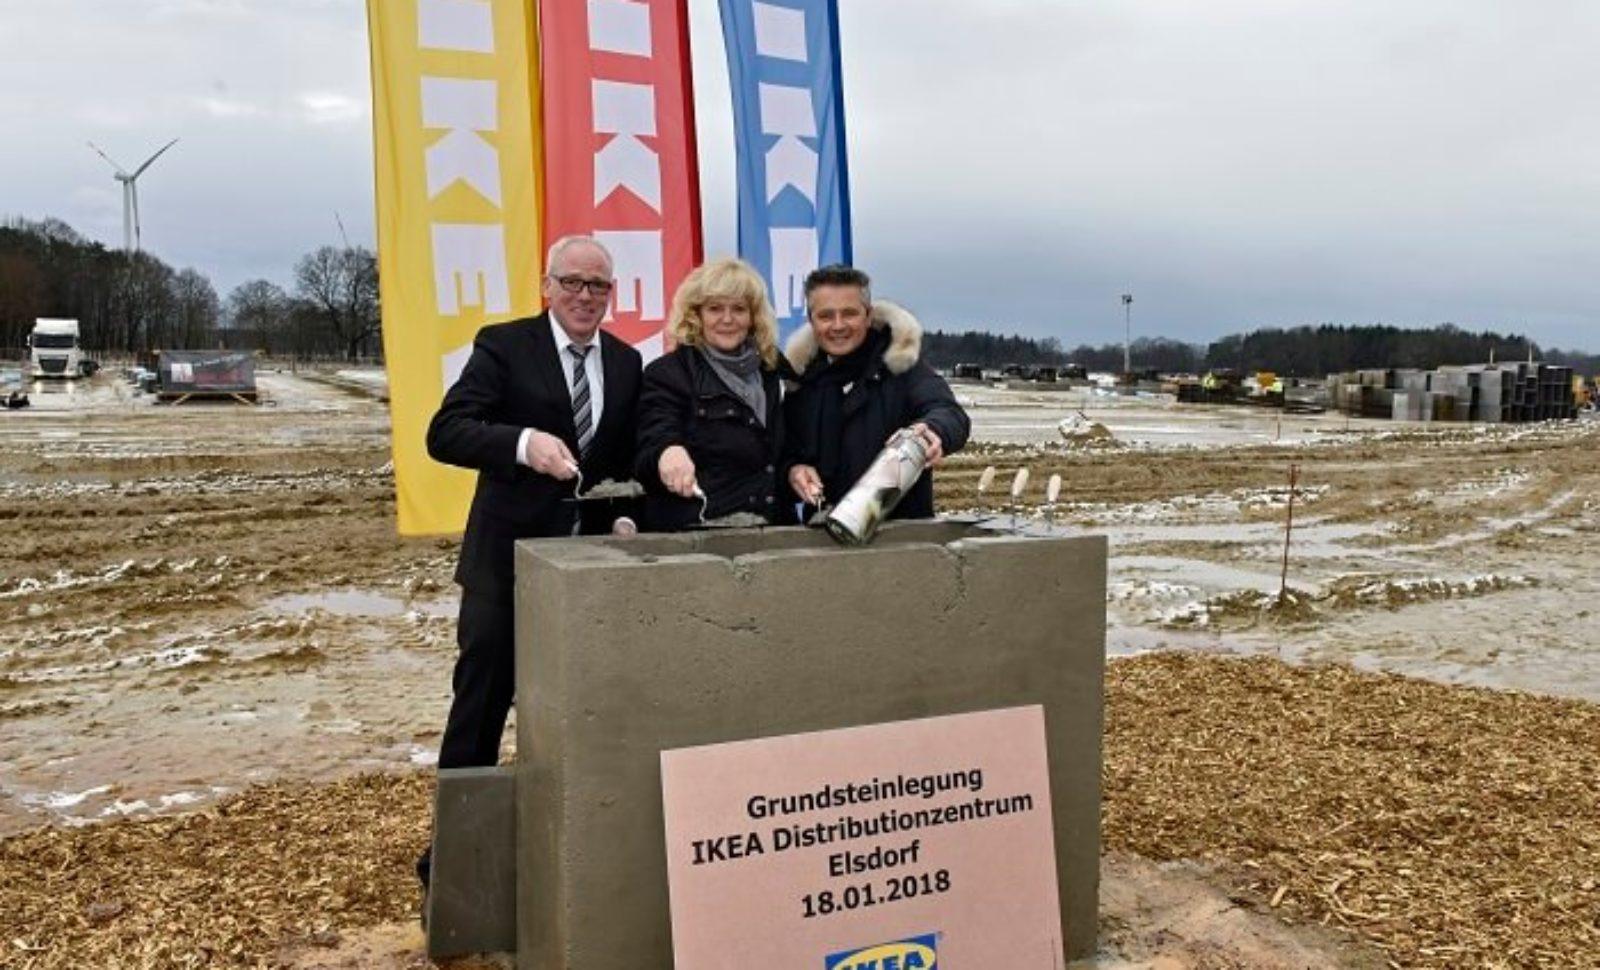 Ikea: Neues Verteilzentrum in Norddeutschland, weitere bereits geplant